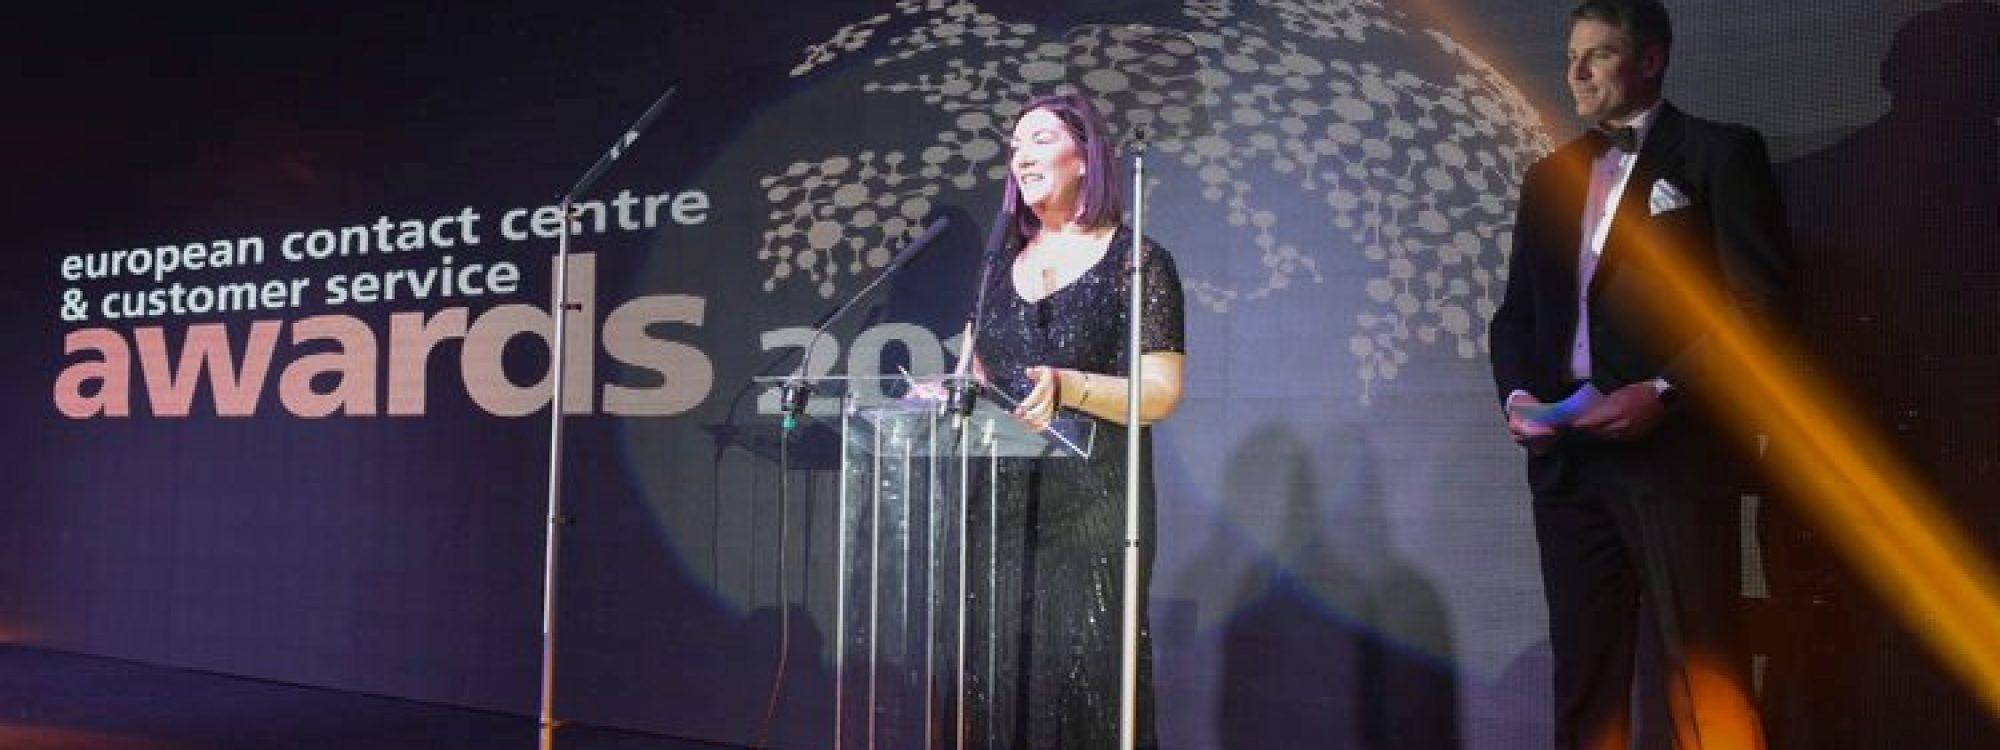 NHS 111 PRM Named Silver Winner at ECCCSA Awards